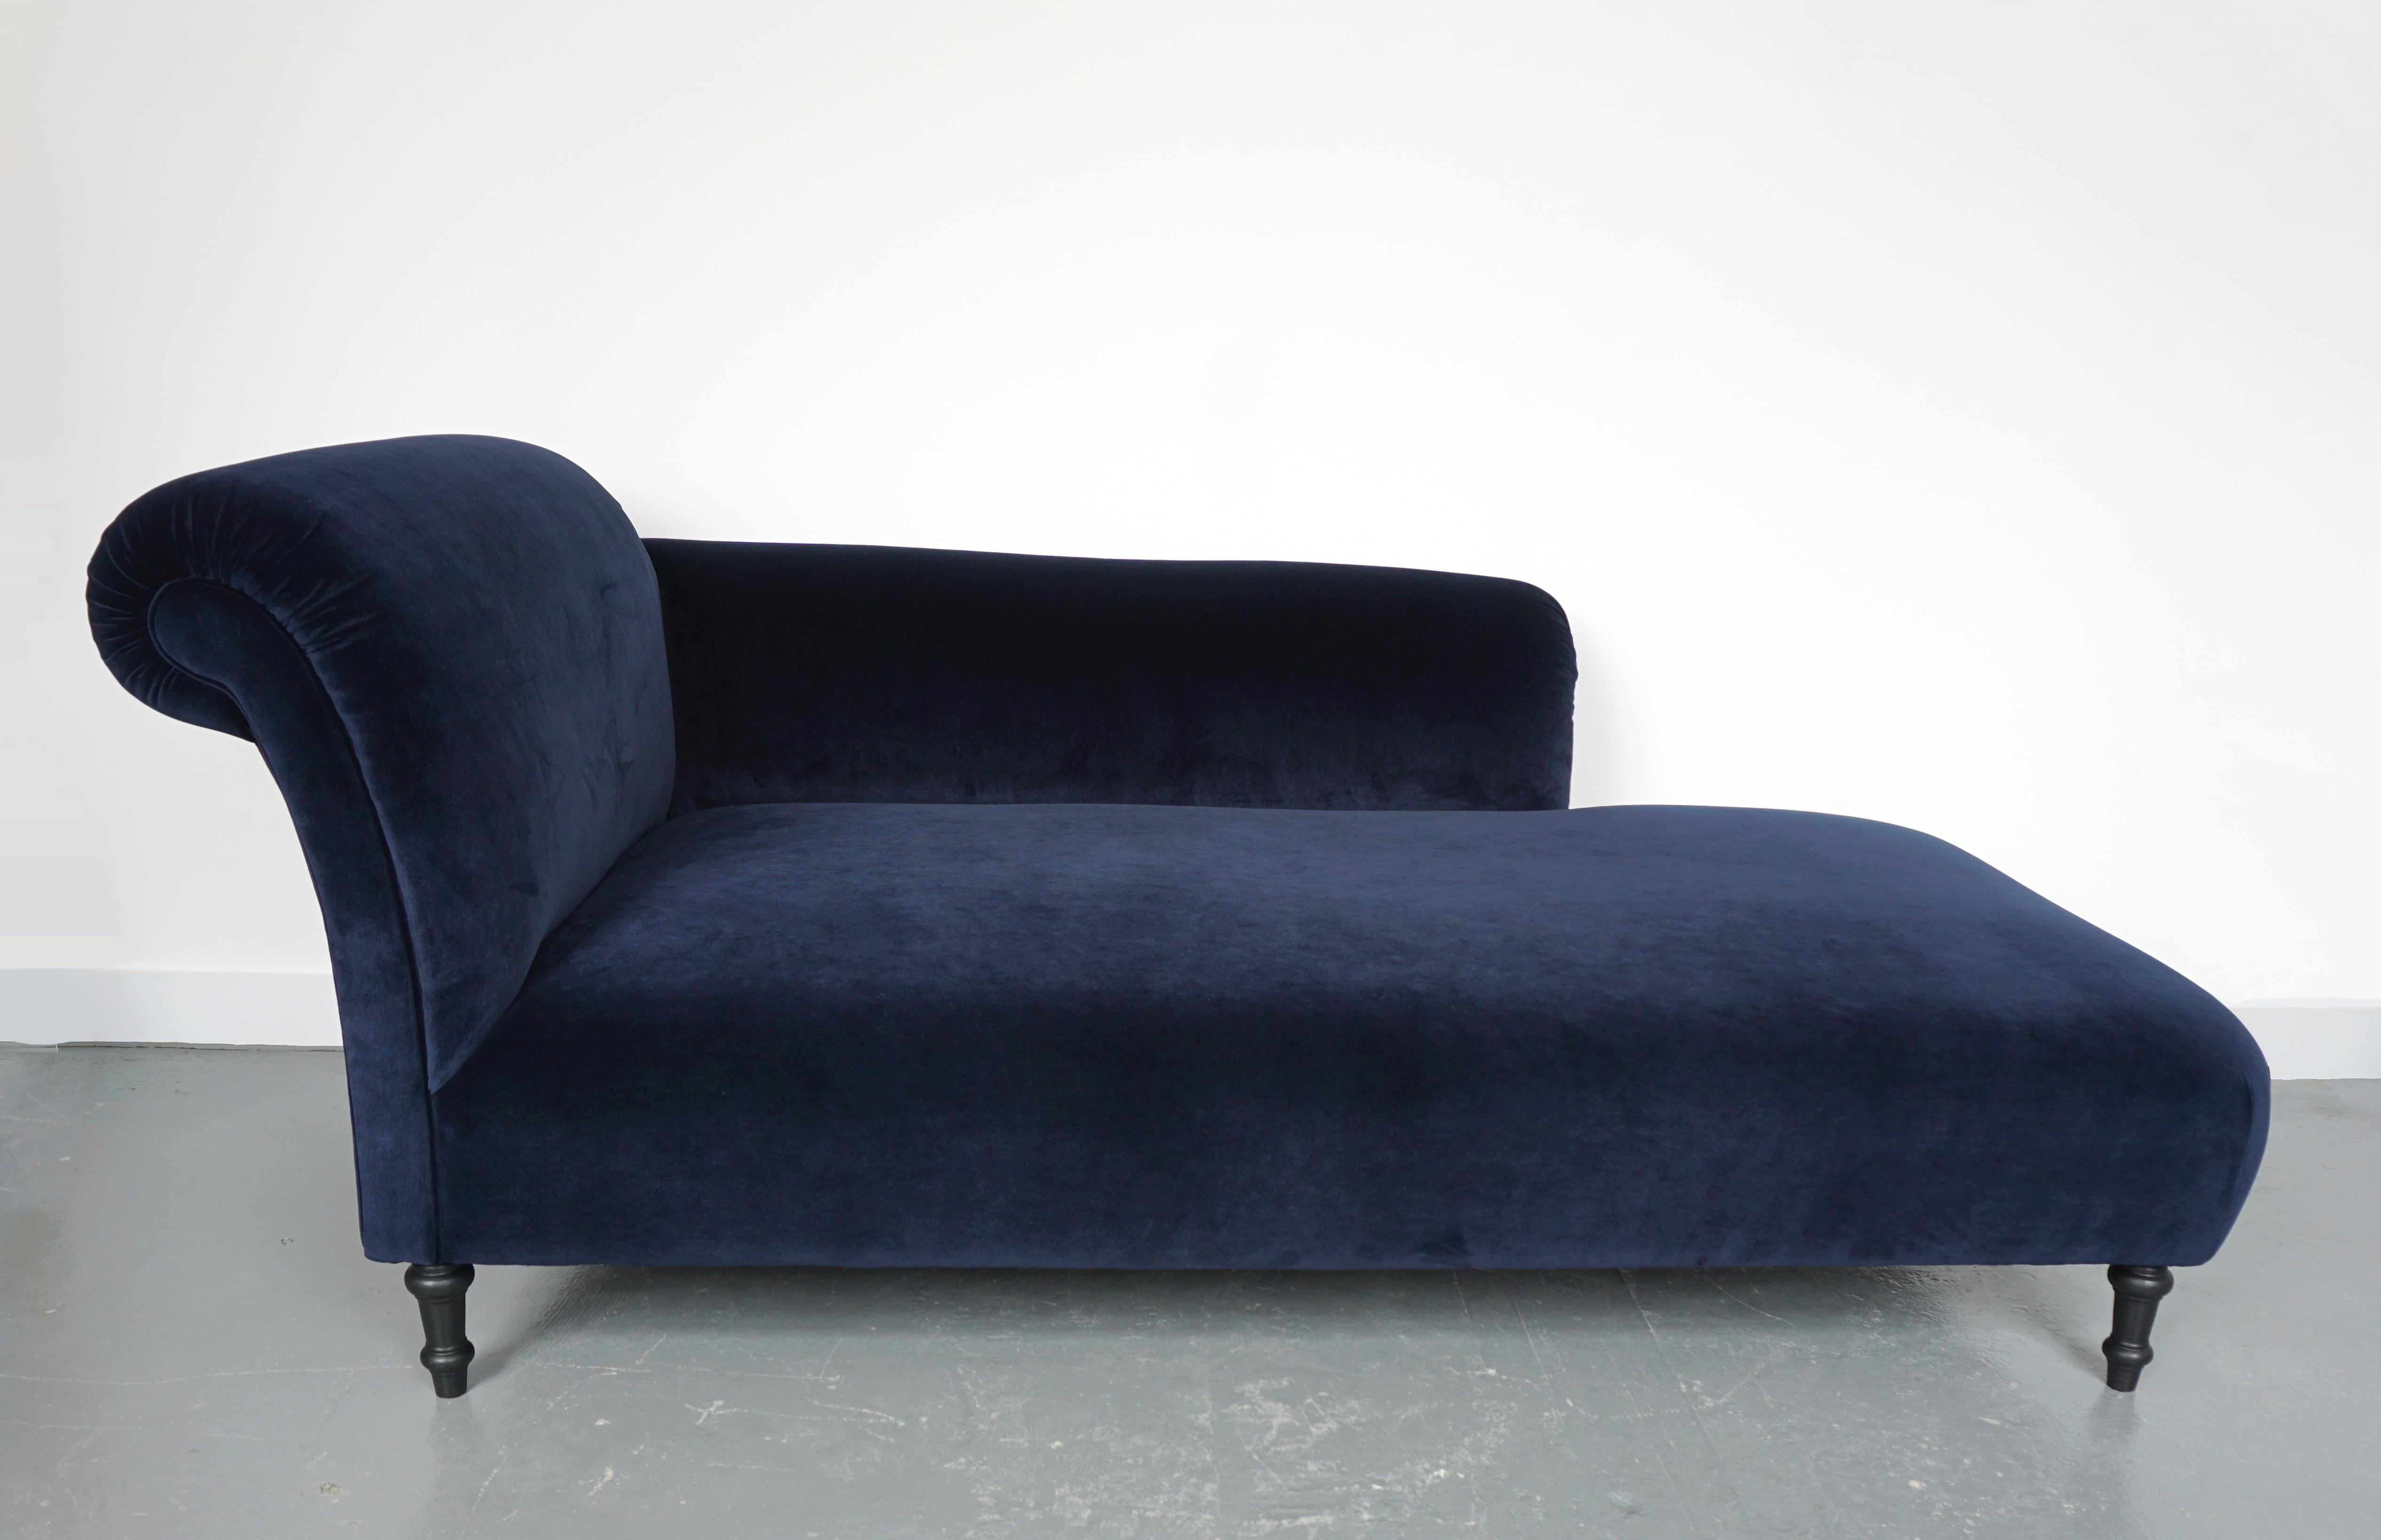 Luxurious Blue Velvet Chaise Lounge Vinterior